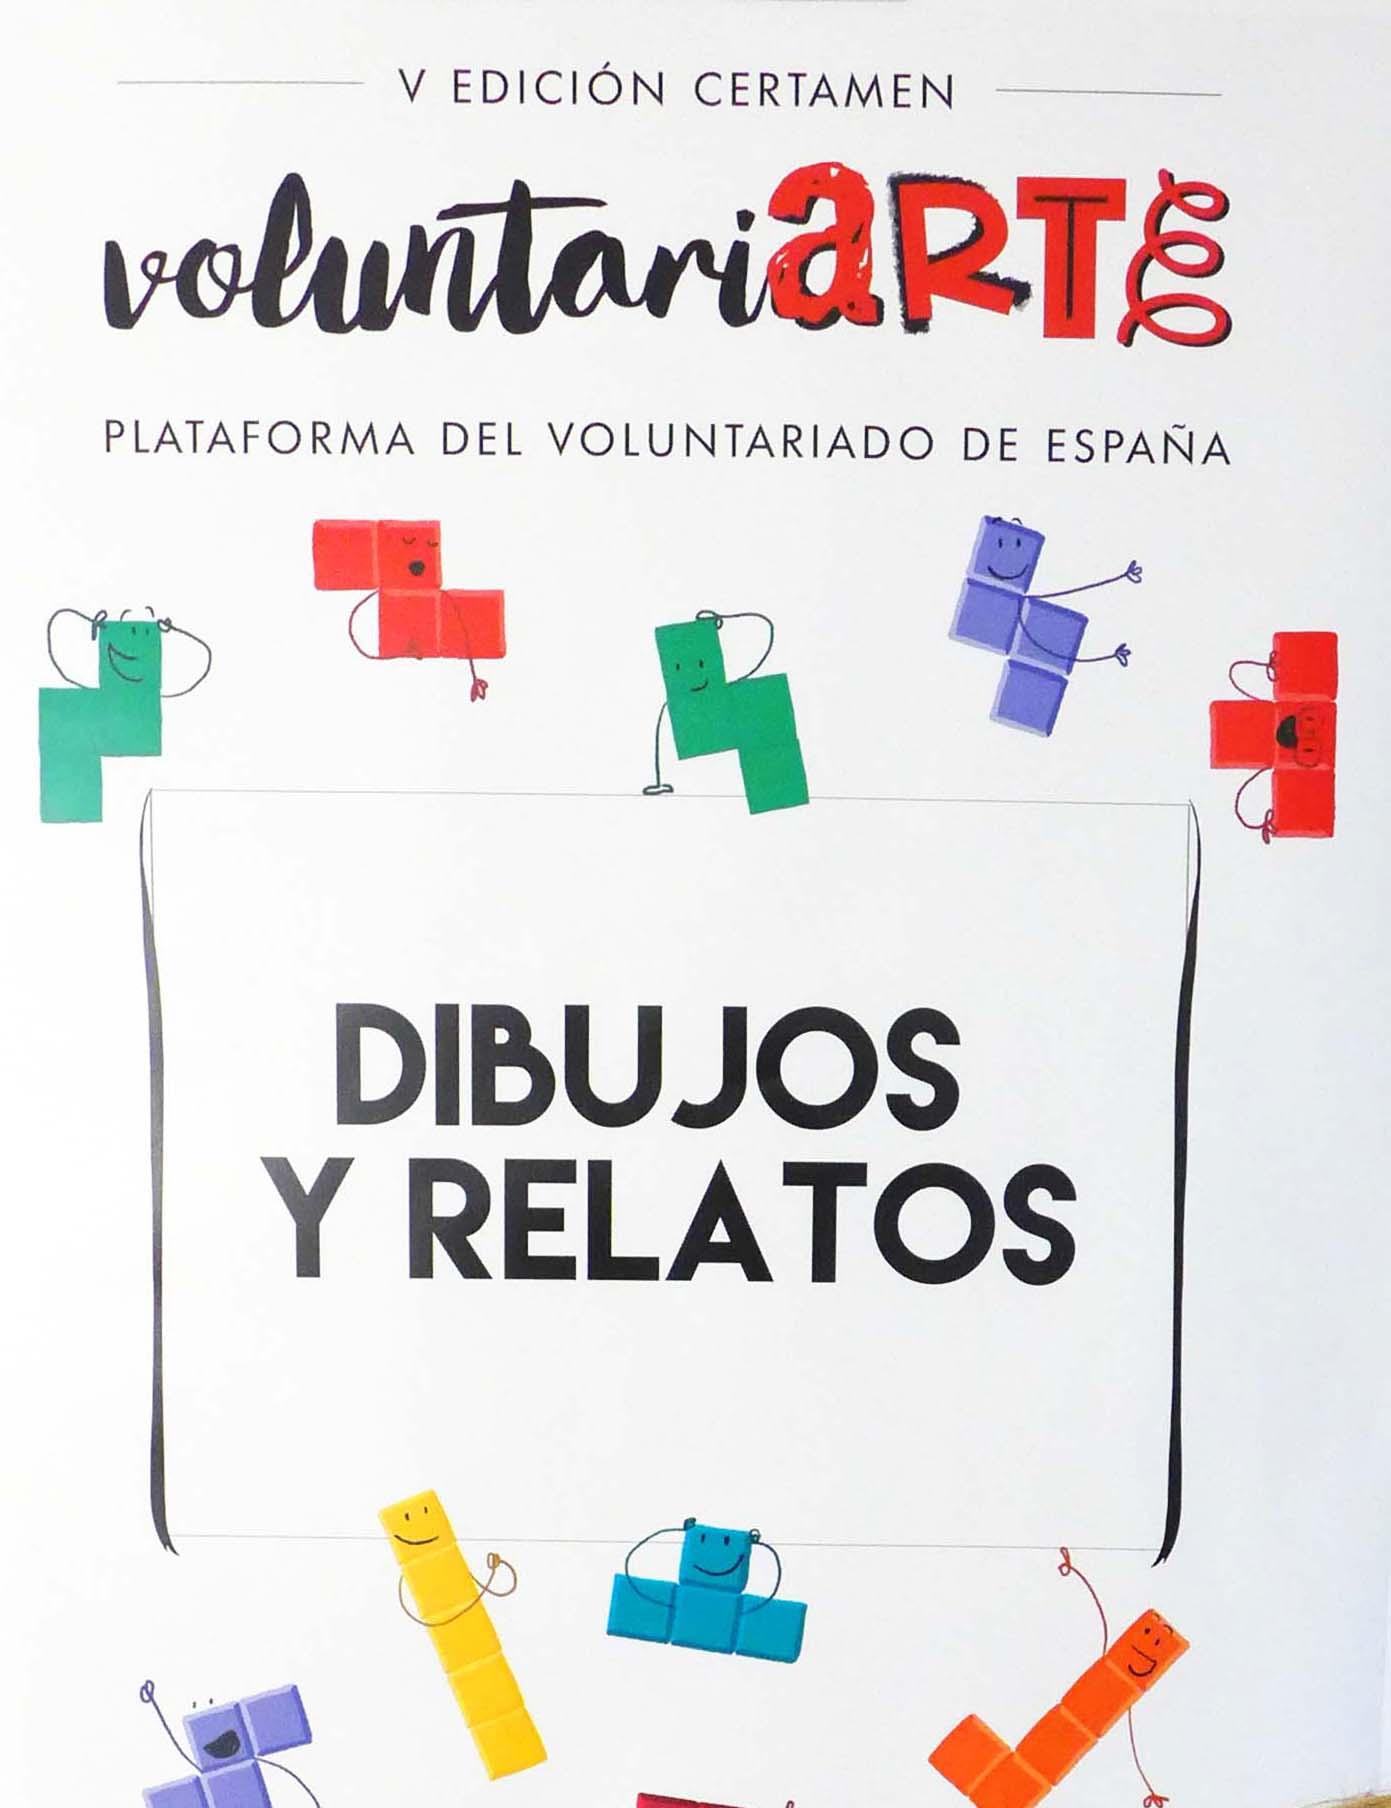 Dibujo. Categoría peques. IV Edición del certamen voluntariARTE